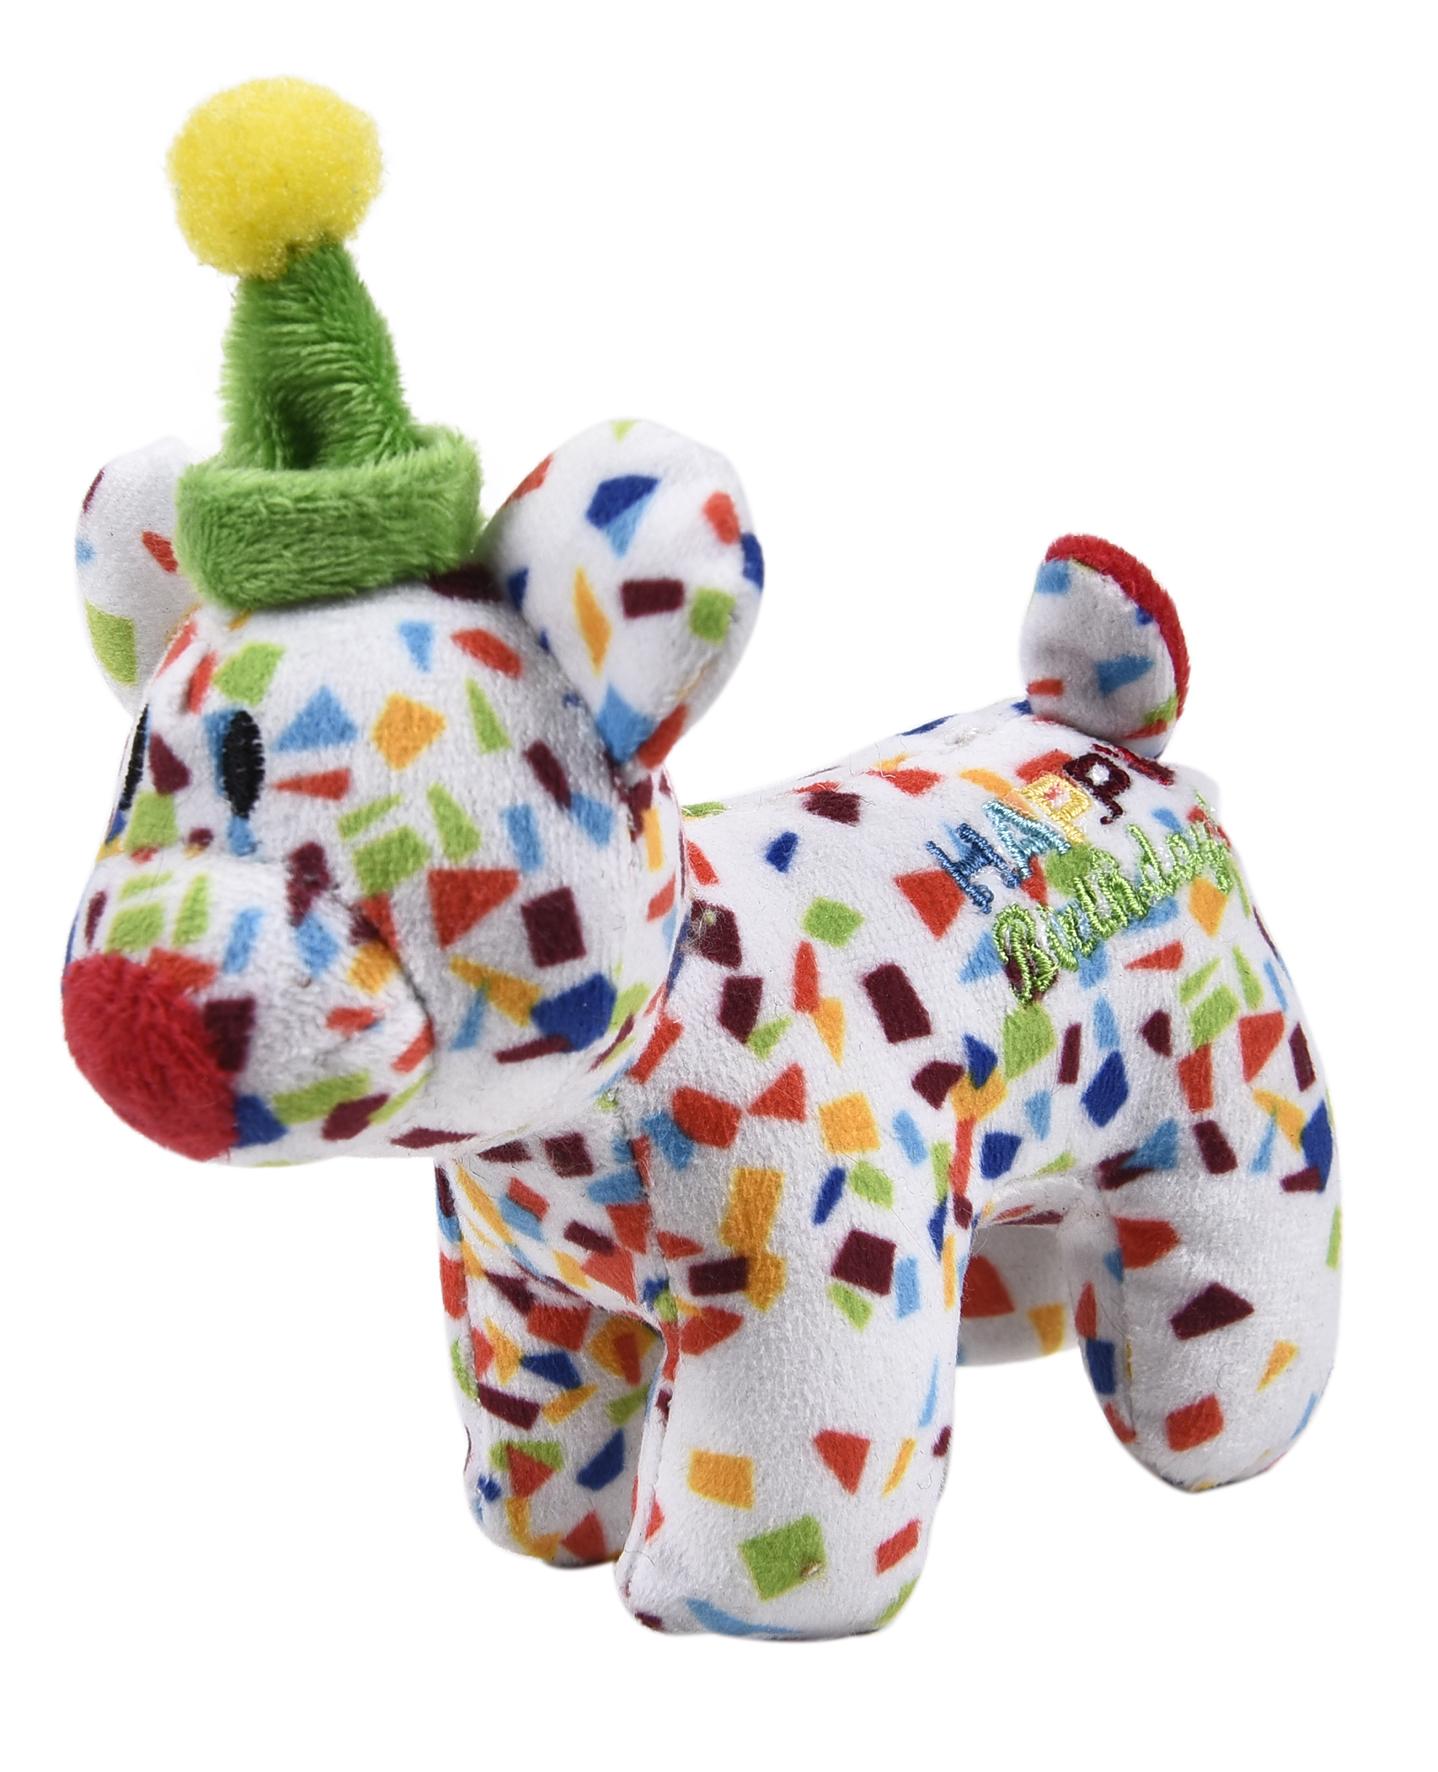 新デザイン咀嚼のおもちゃ/犬のおもちゃ愛誕生日やパーティー